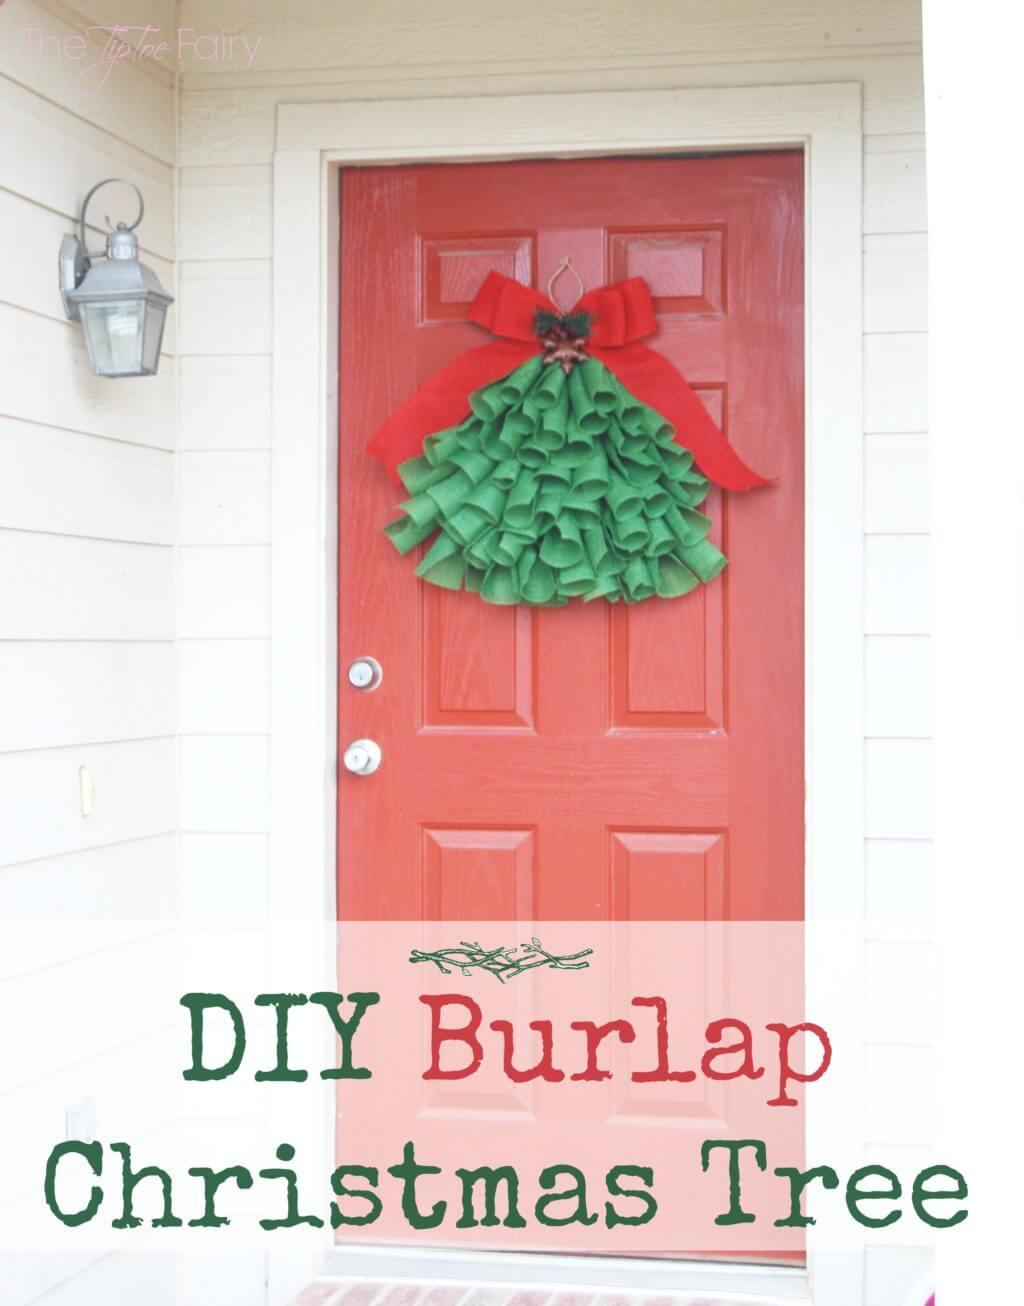 DIY Burlap Christmas Tree Door Hanging on a red front door